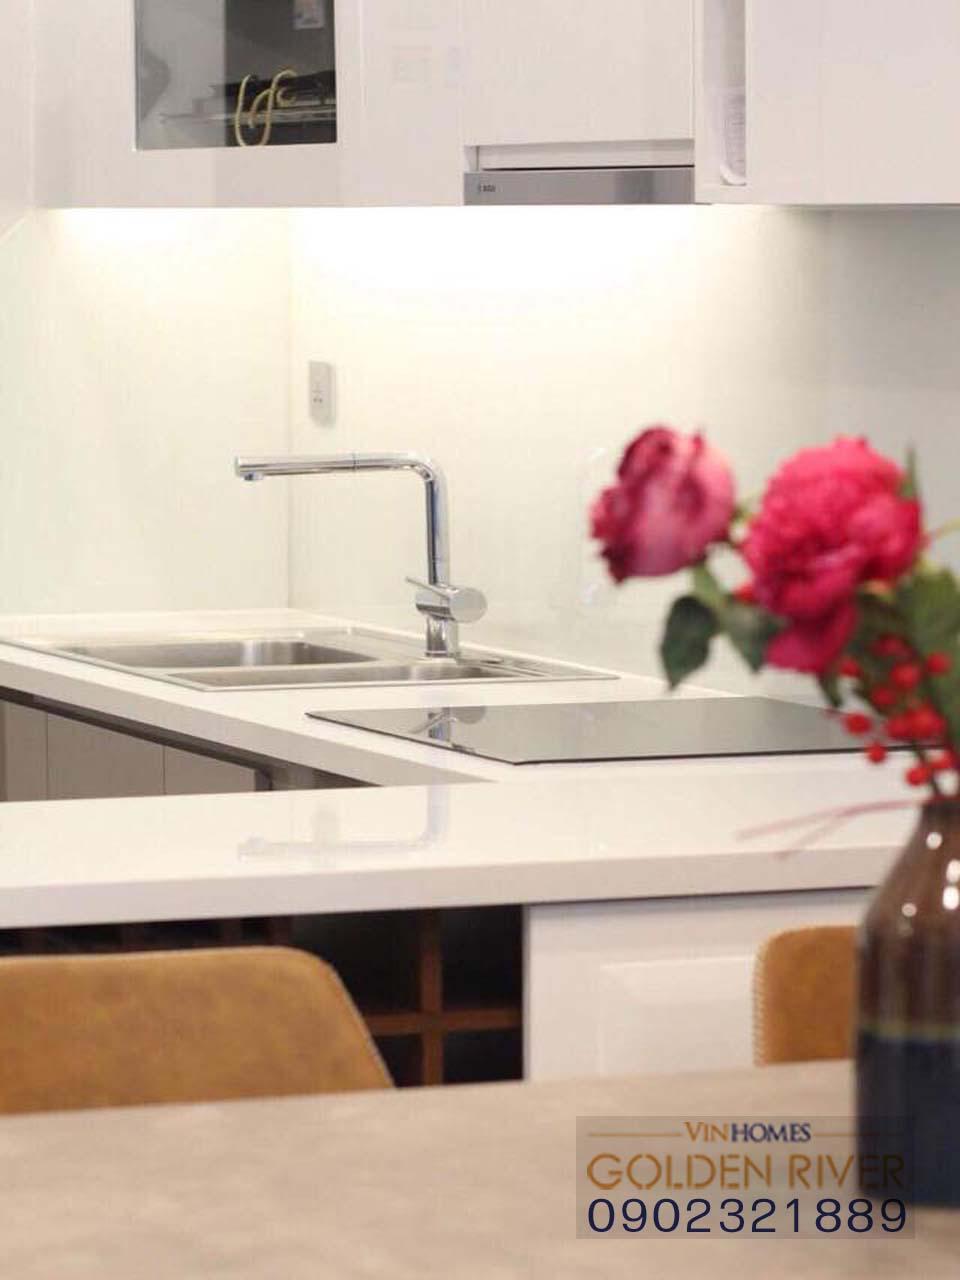 Vinhome Ba Son cho thuê căn hộ 51m2 nội thất cực đẹp - hình 8